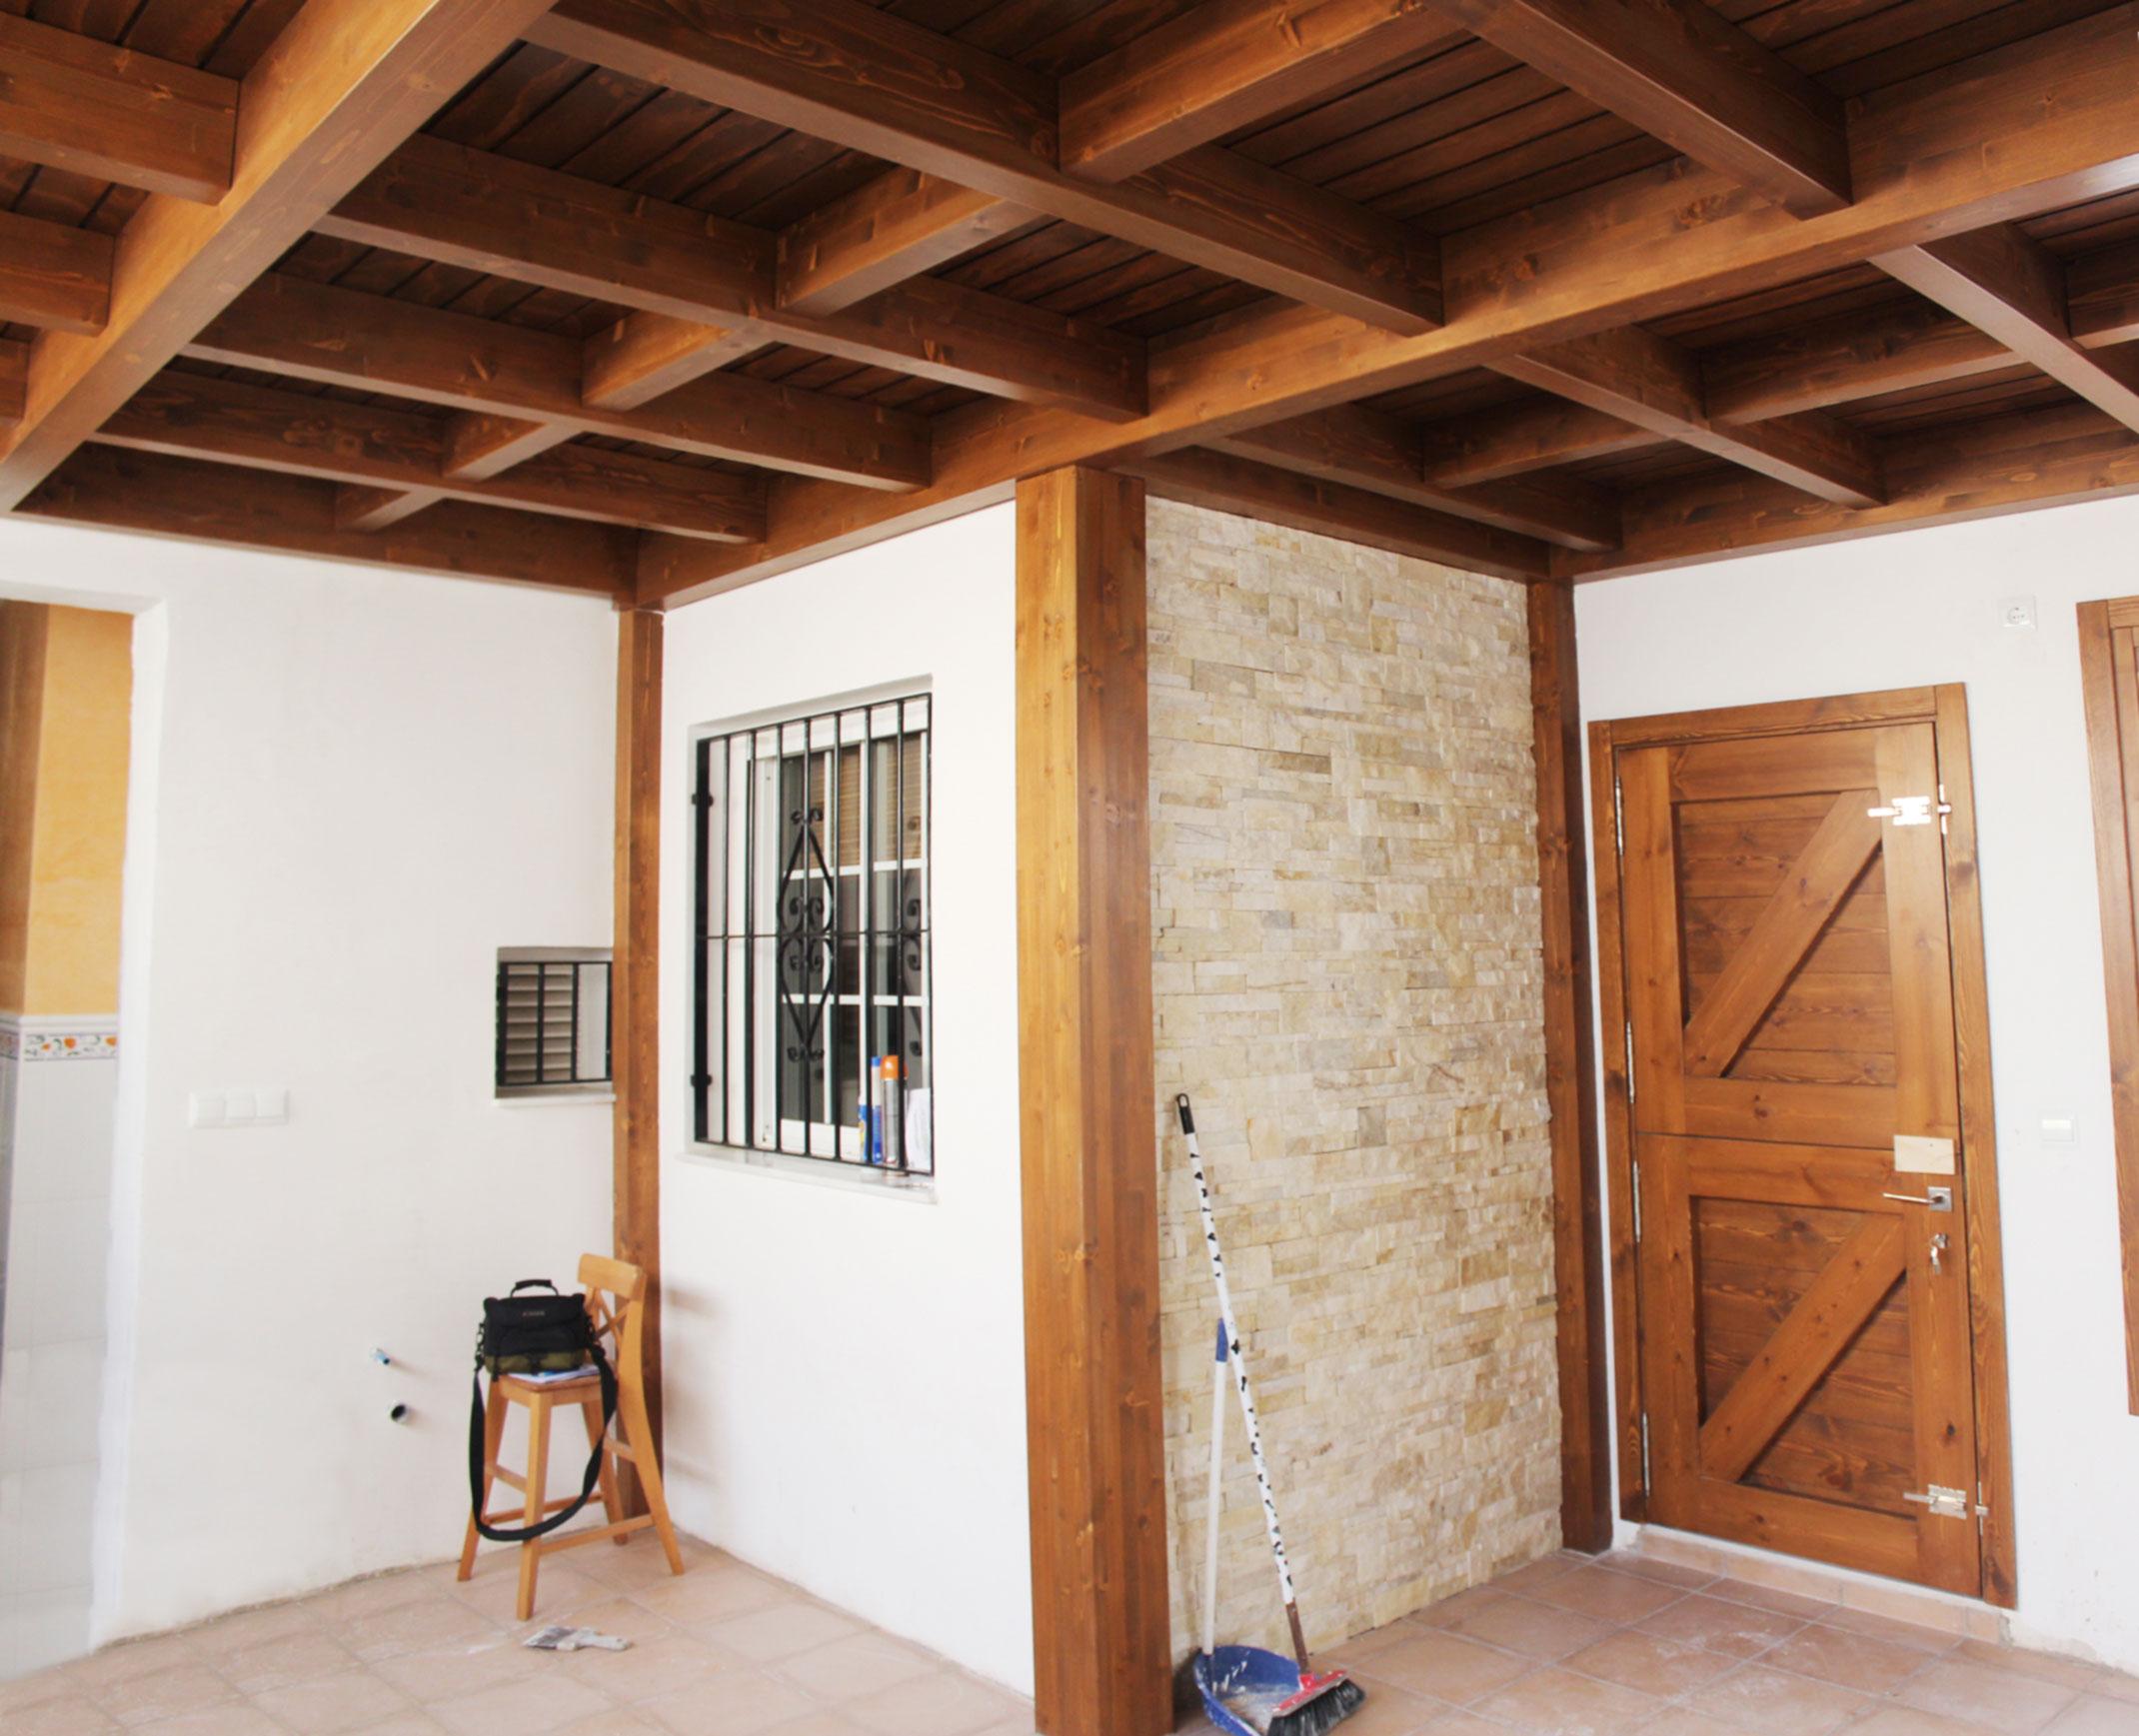 Cerramientos de patios en madera benoit roubaud artesano - Cerramiento de madera ...